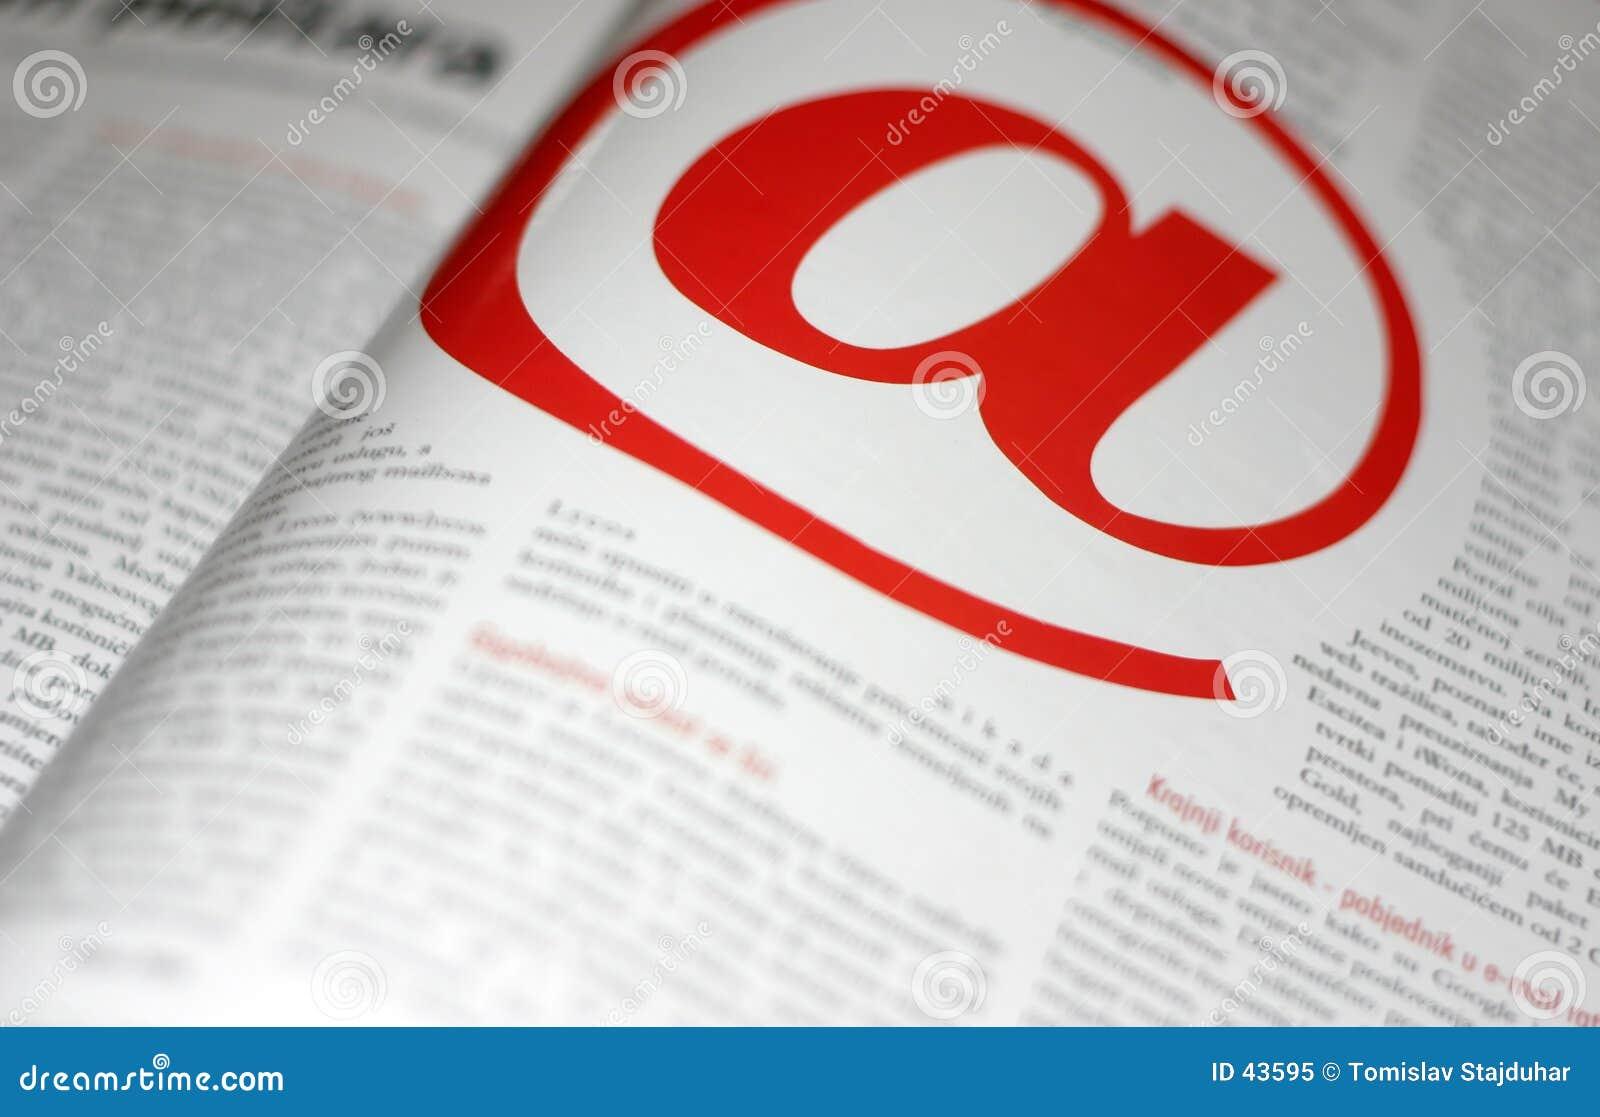 Download Moderne @ Kommunikation stockbild. Bild von send, pfosten - 43595